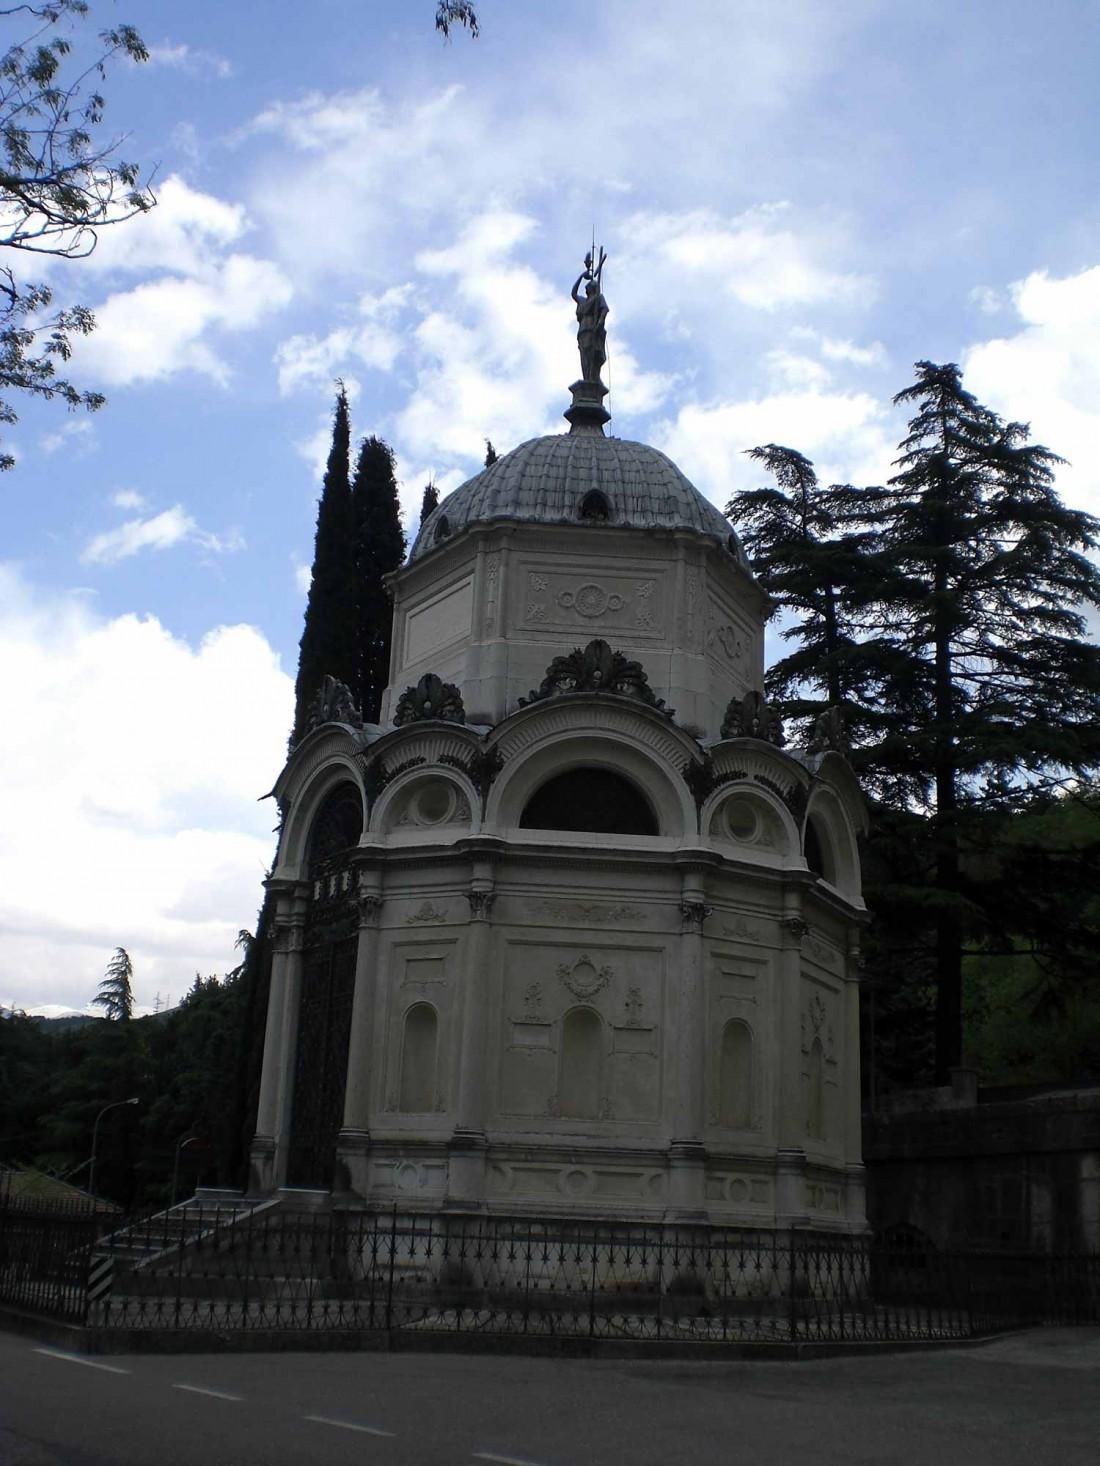 Mausoleo-De-Tacchi-Santuario-Madonna-del-Monte-Rovereto-visitrovereto